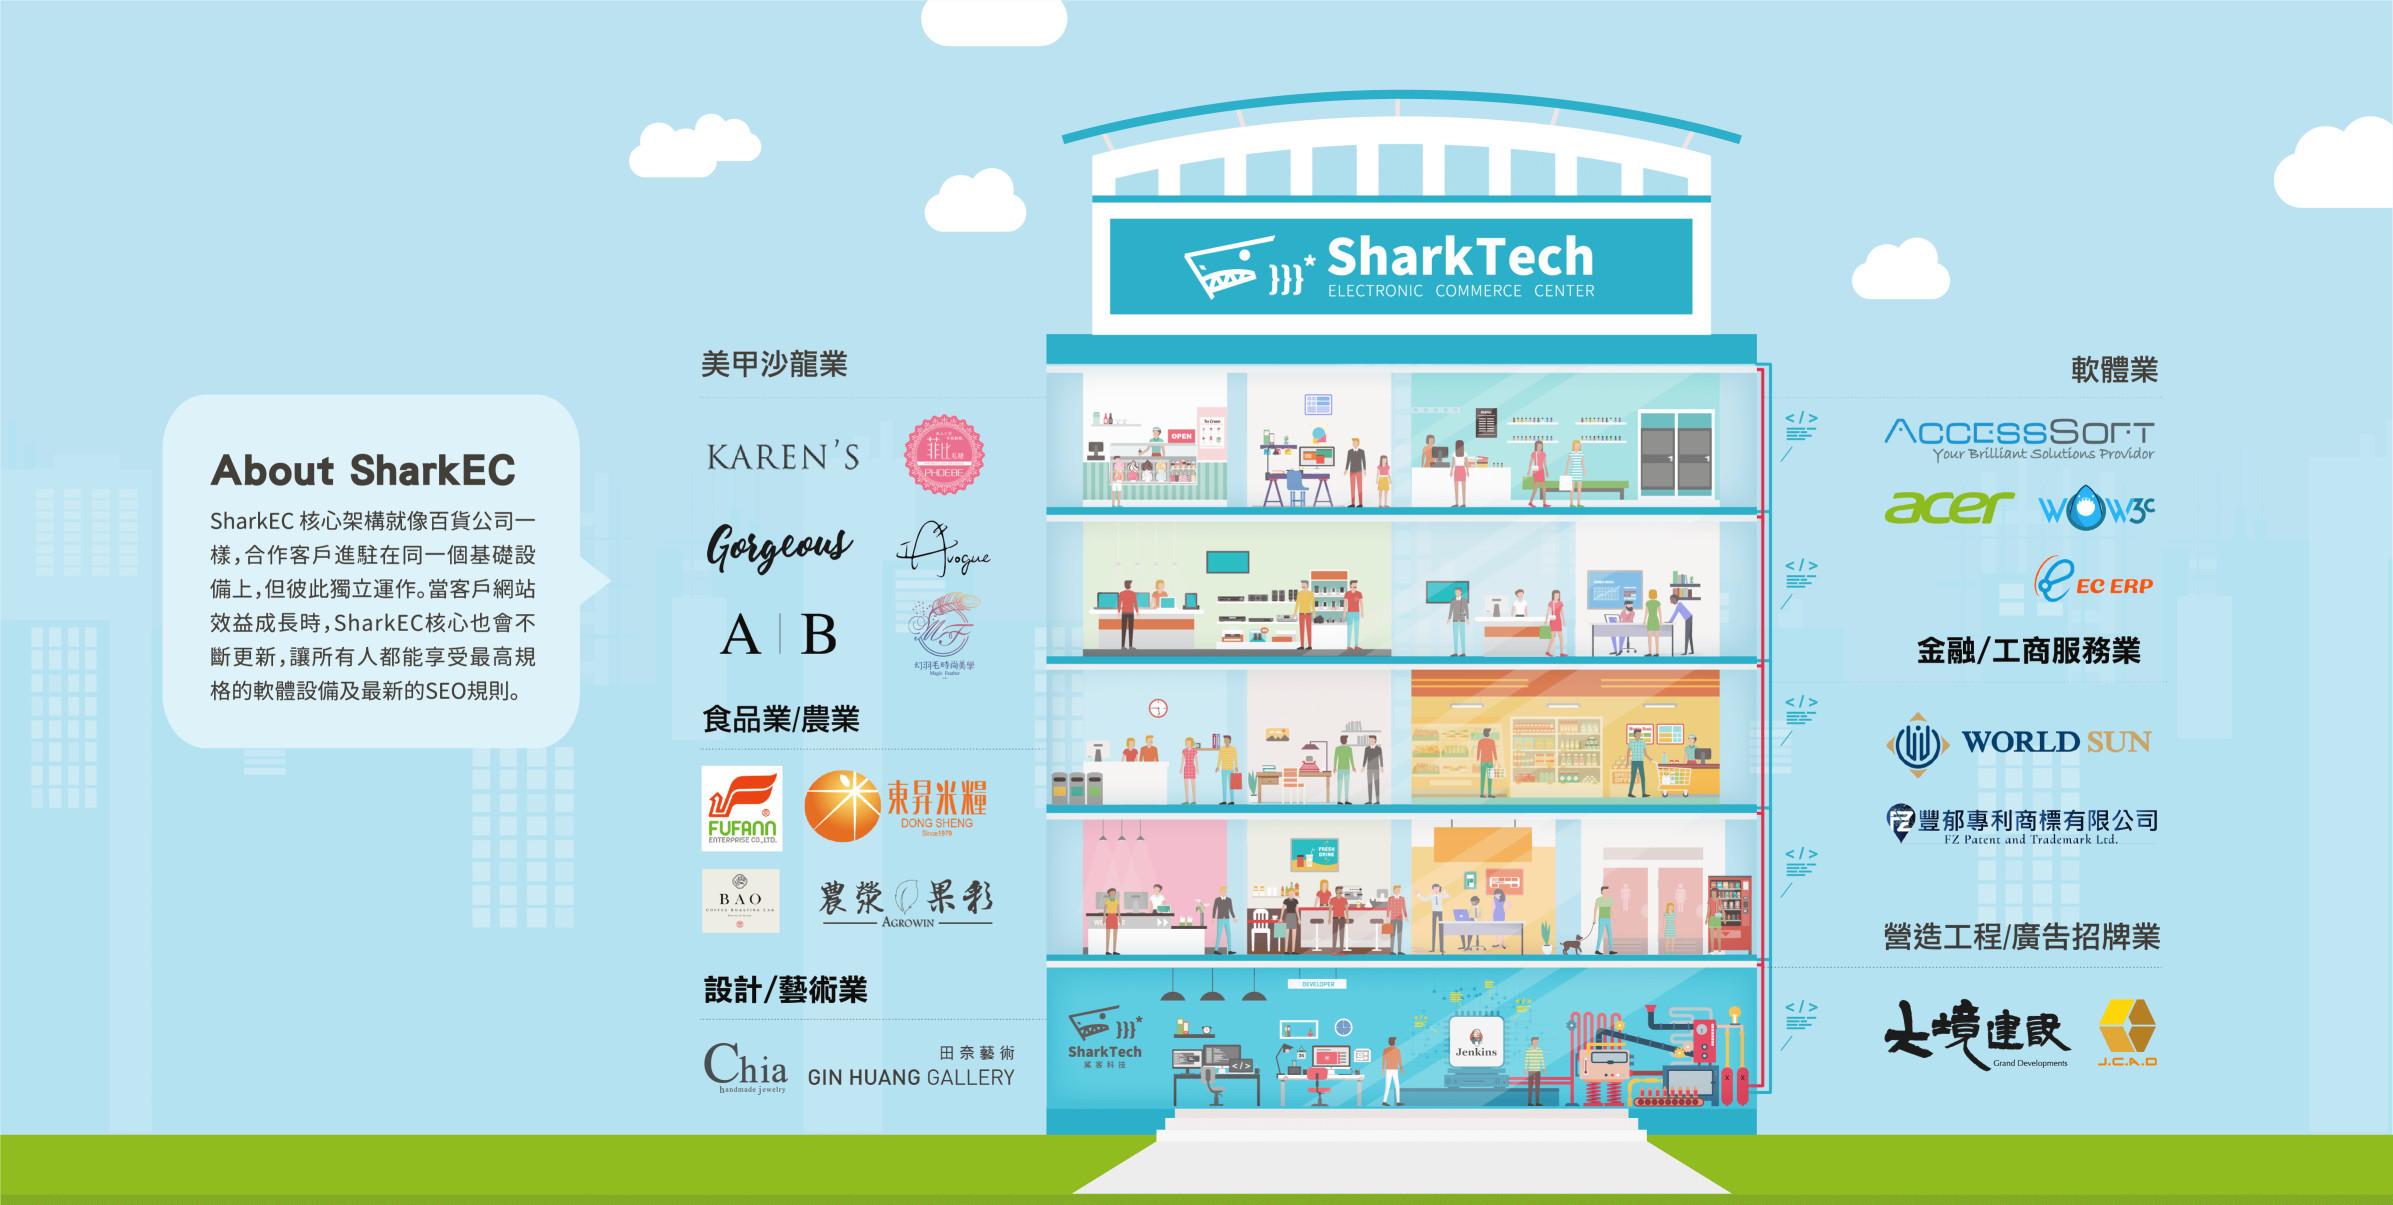 2019.7鯊客百貨公司架構圖-鯊客科技網站SEO優化公司